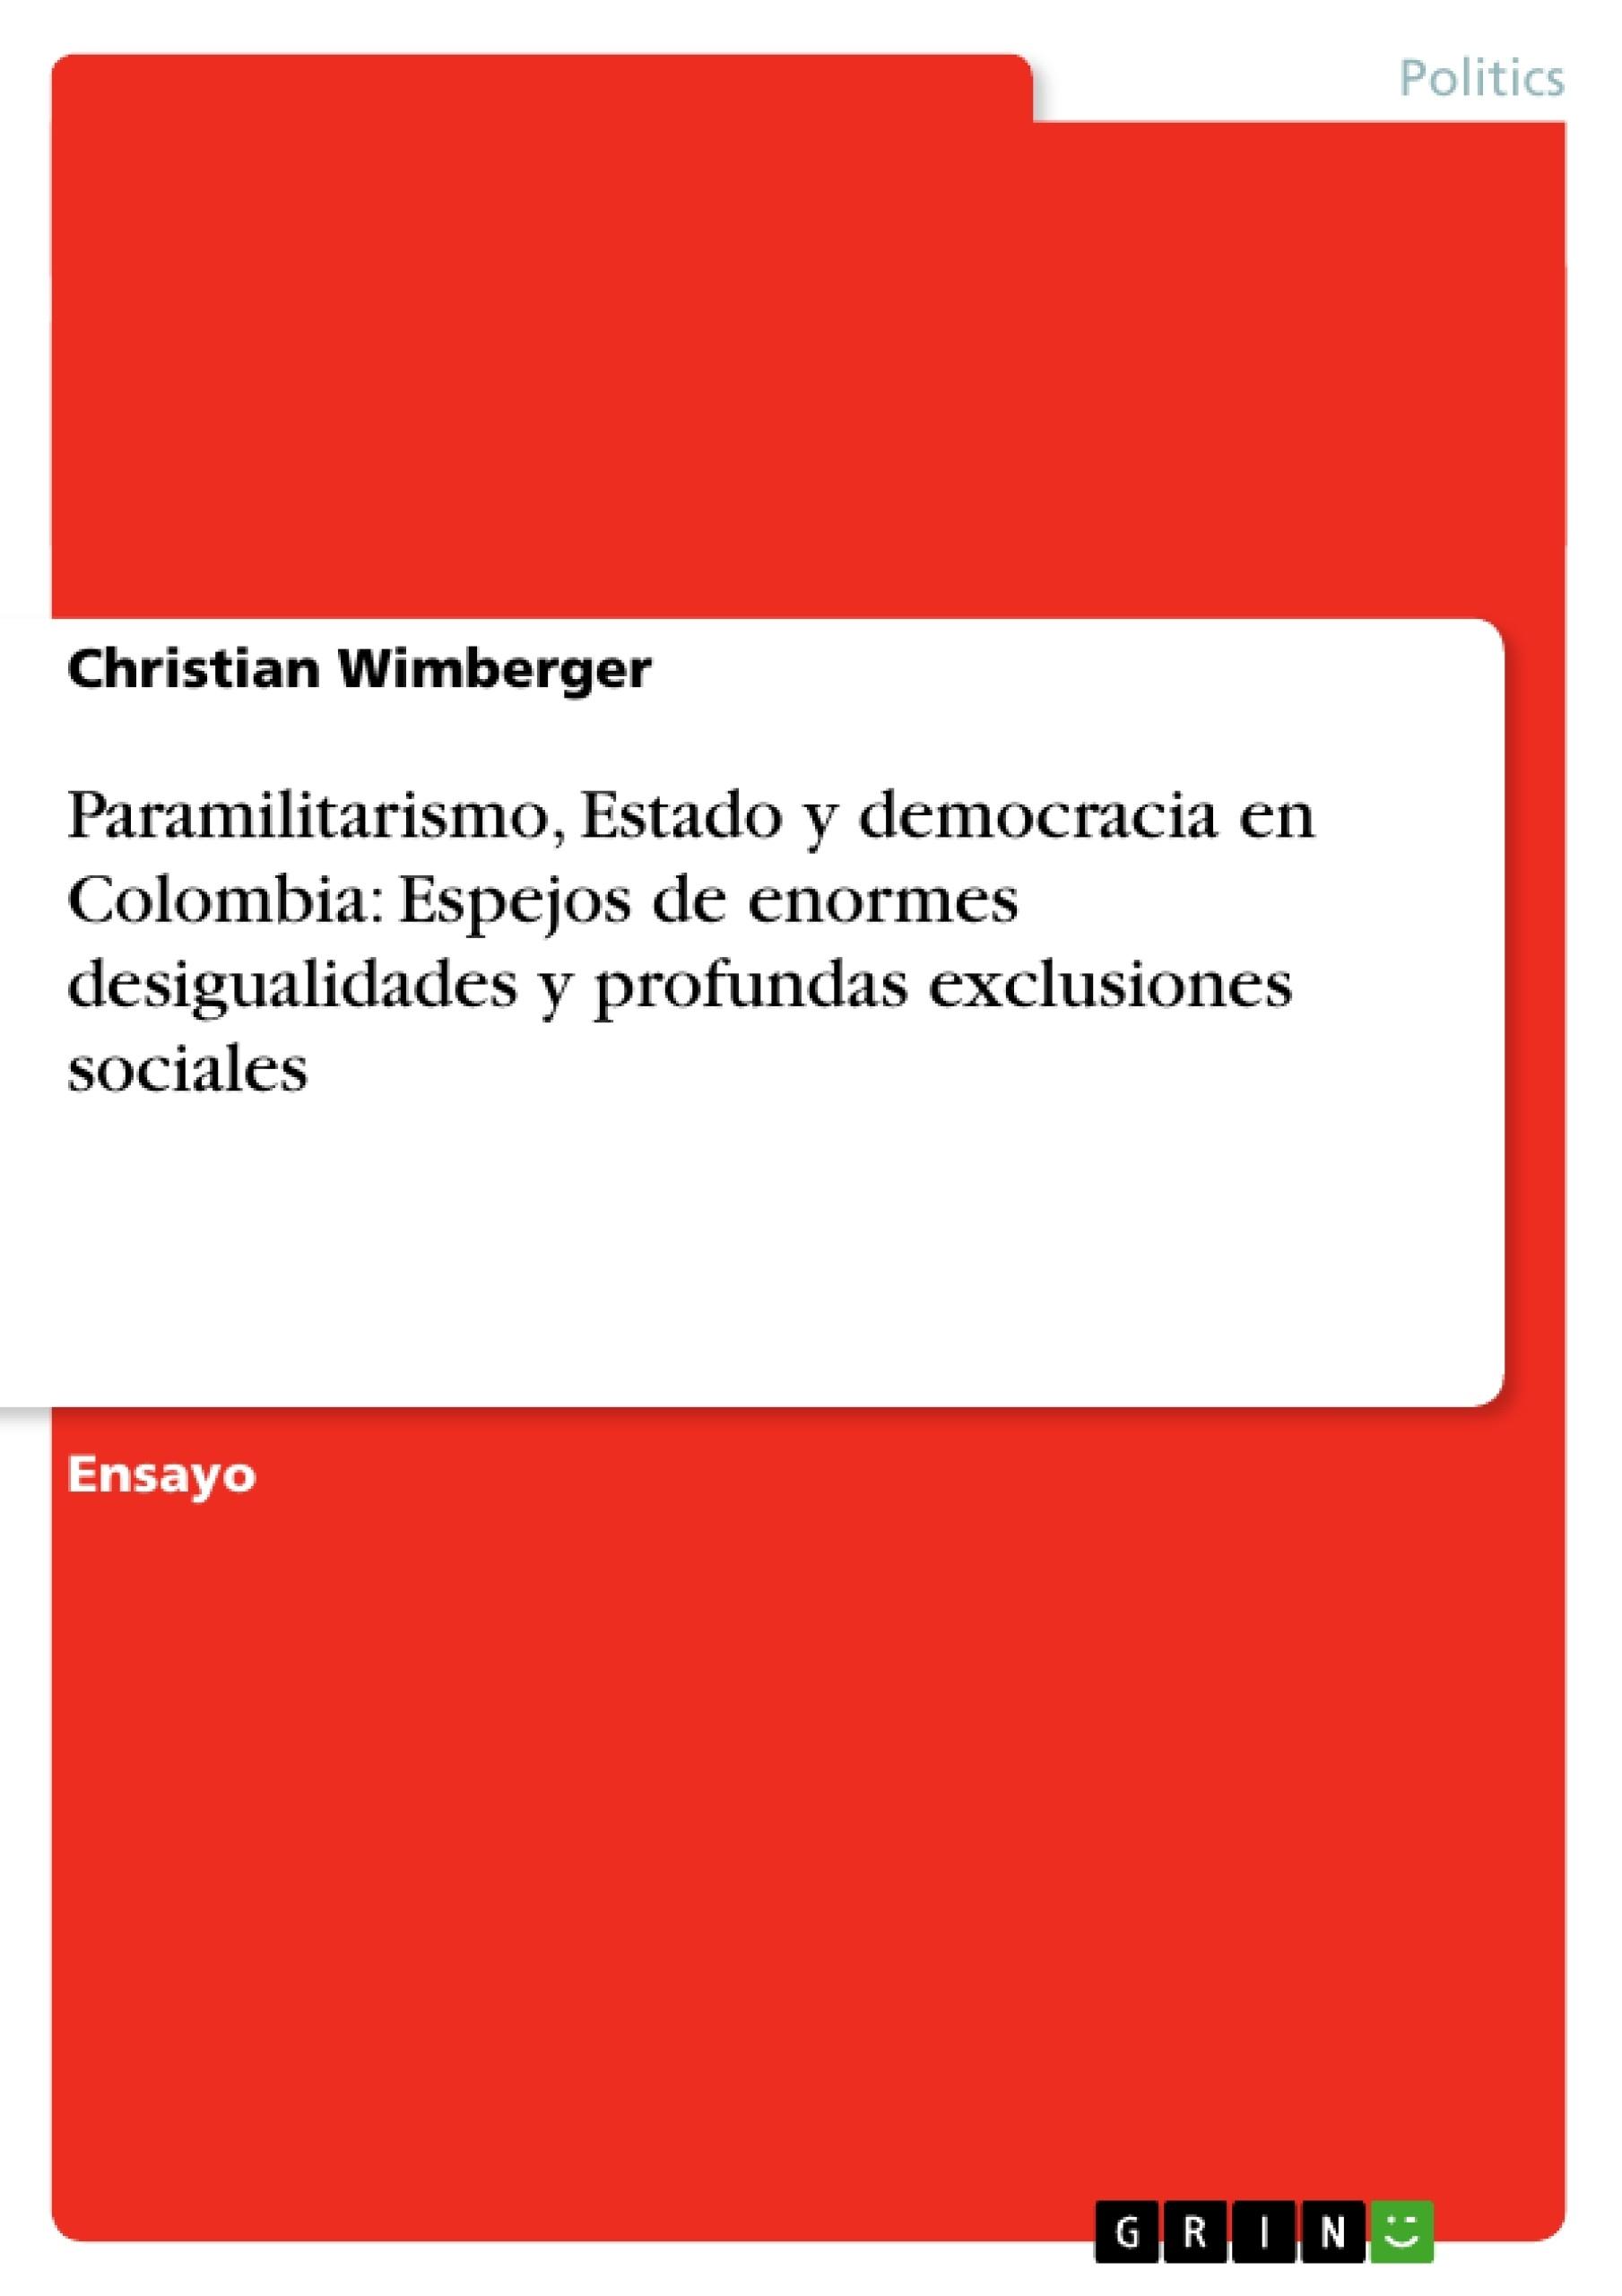 Título: Paramilitarismo, Estado y democracia en Colombia: Espejos de enormes desigualidades y profundas exclusiones sociales